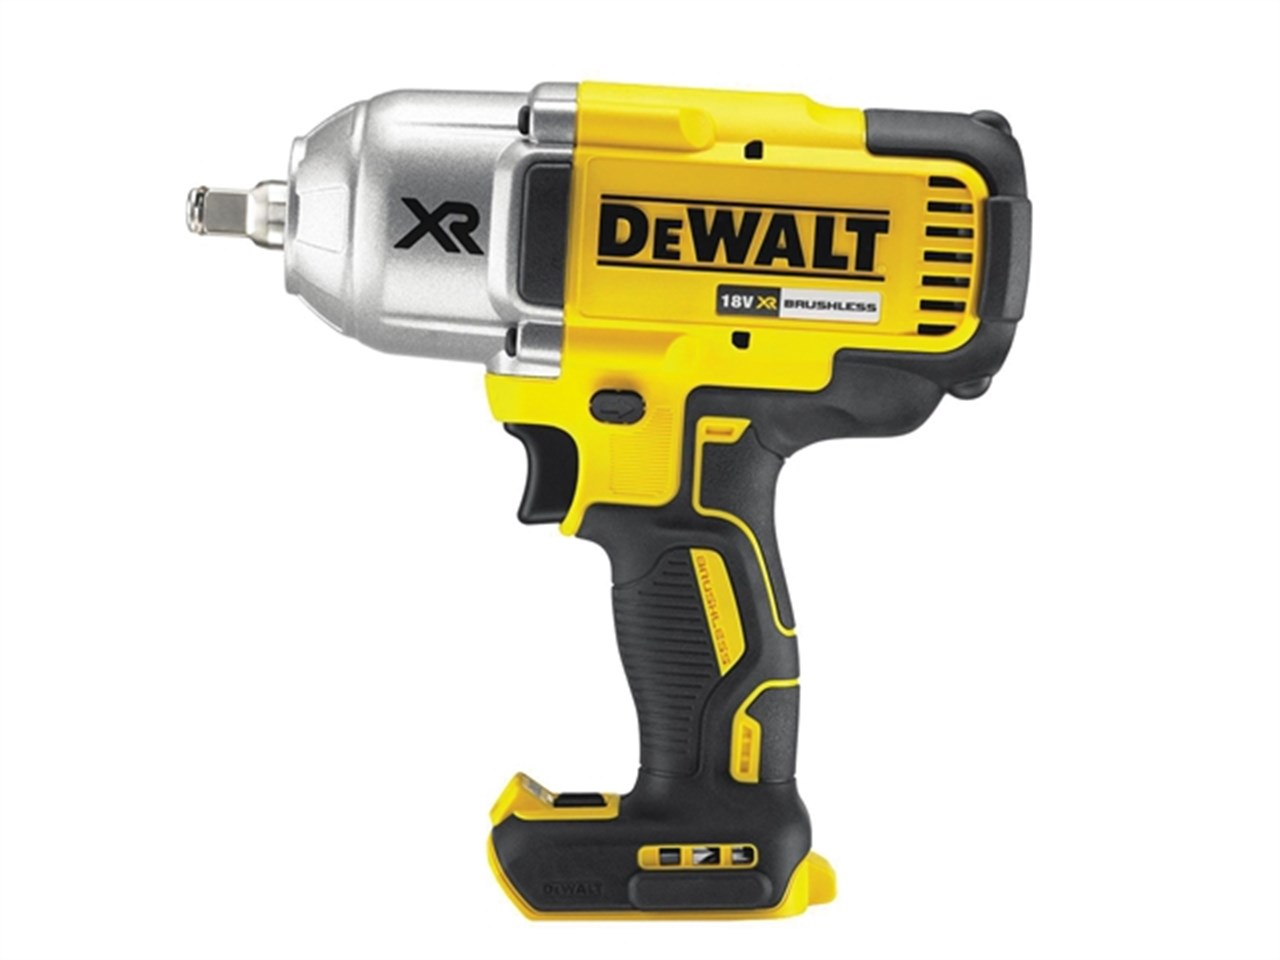 Dewalt DCF899HN 18V XR Brushless High Torque Impact Wrench